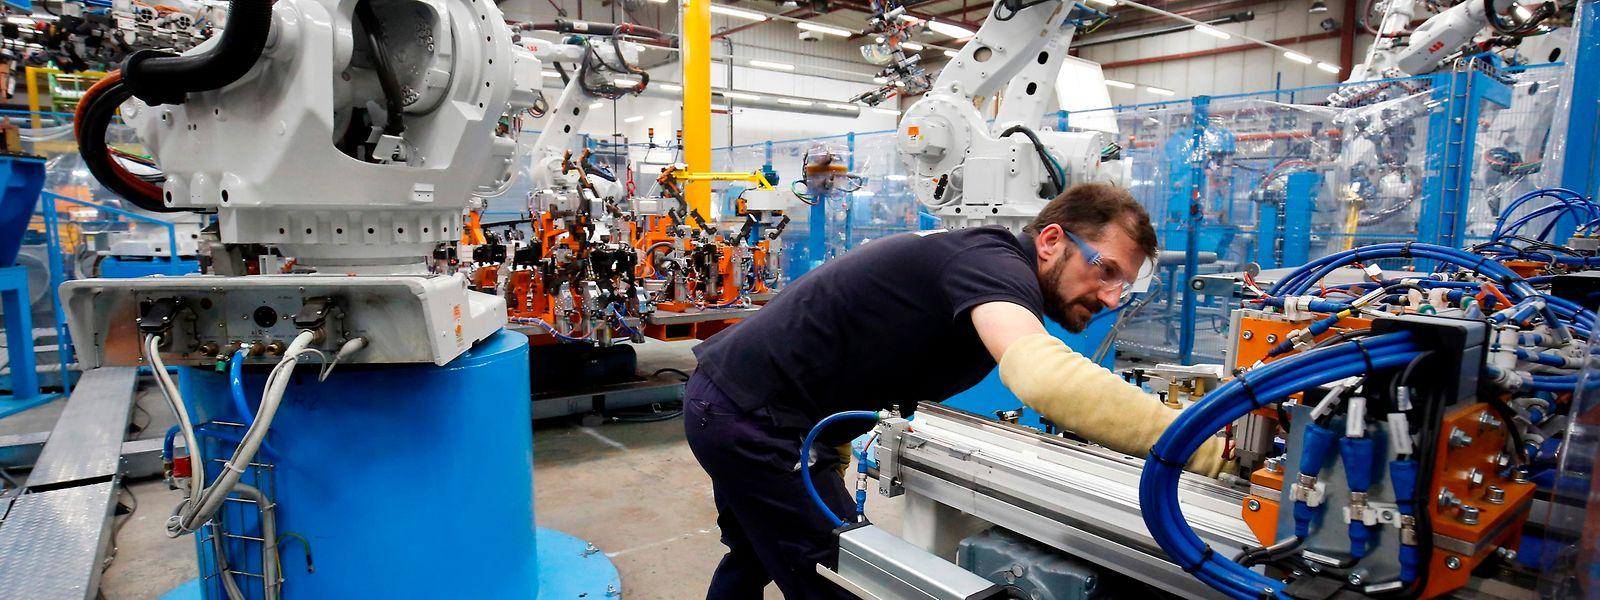 Tous secteurs confondus, 29,6 millions d'heures chômées ont été financées par le soutien du chômage partiel, de mars à juin 2020.